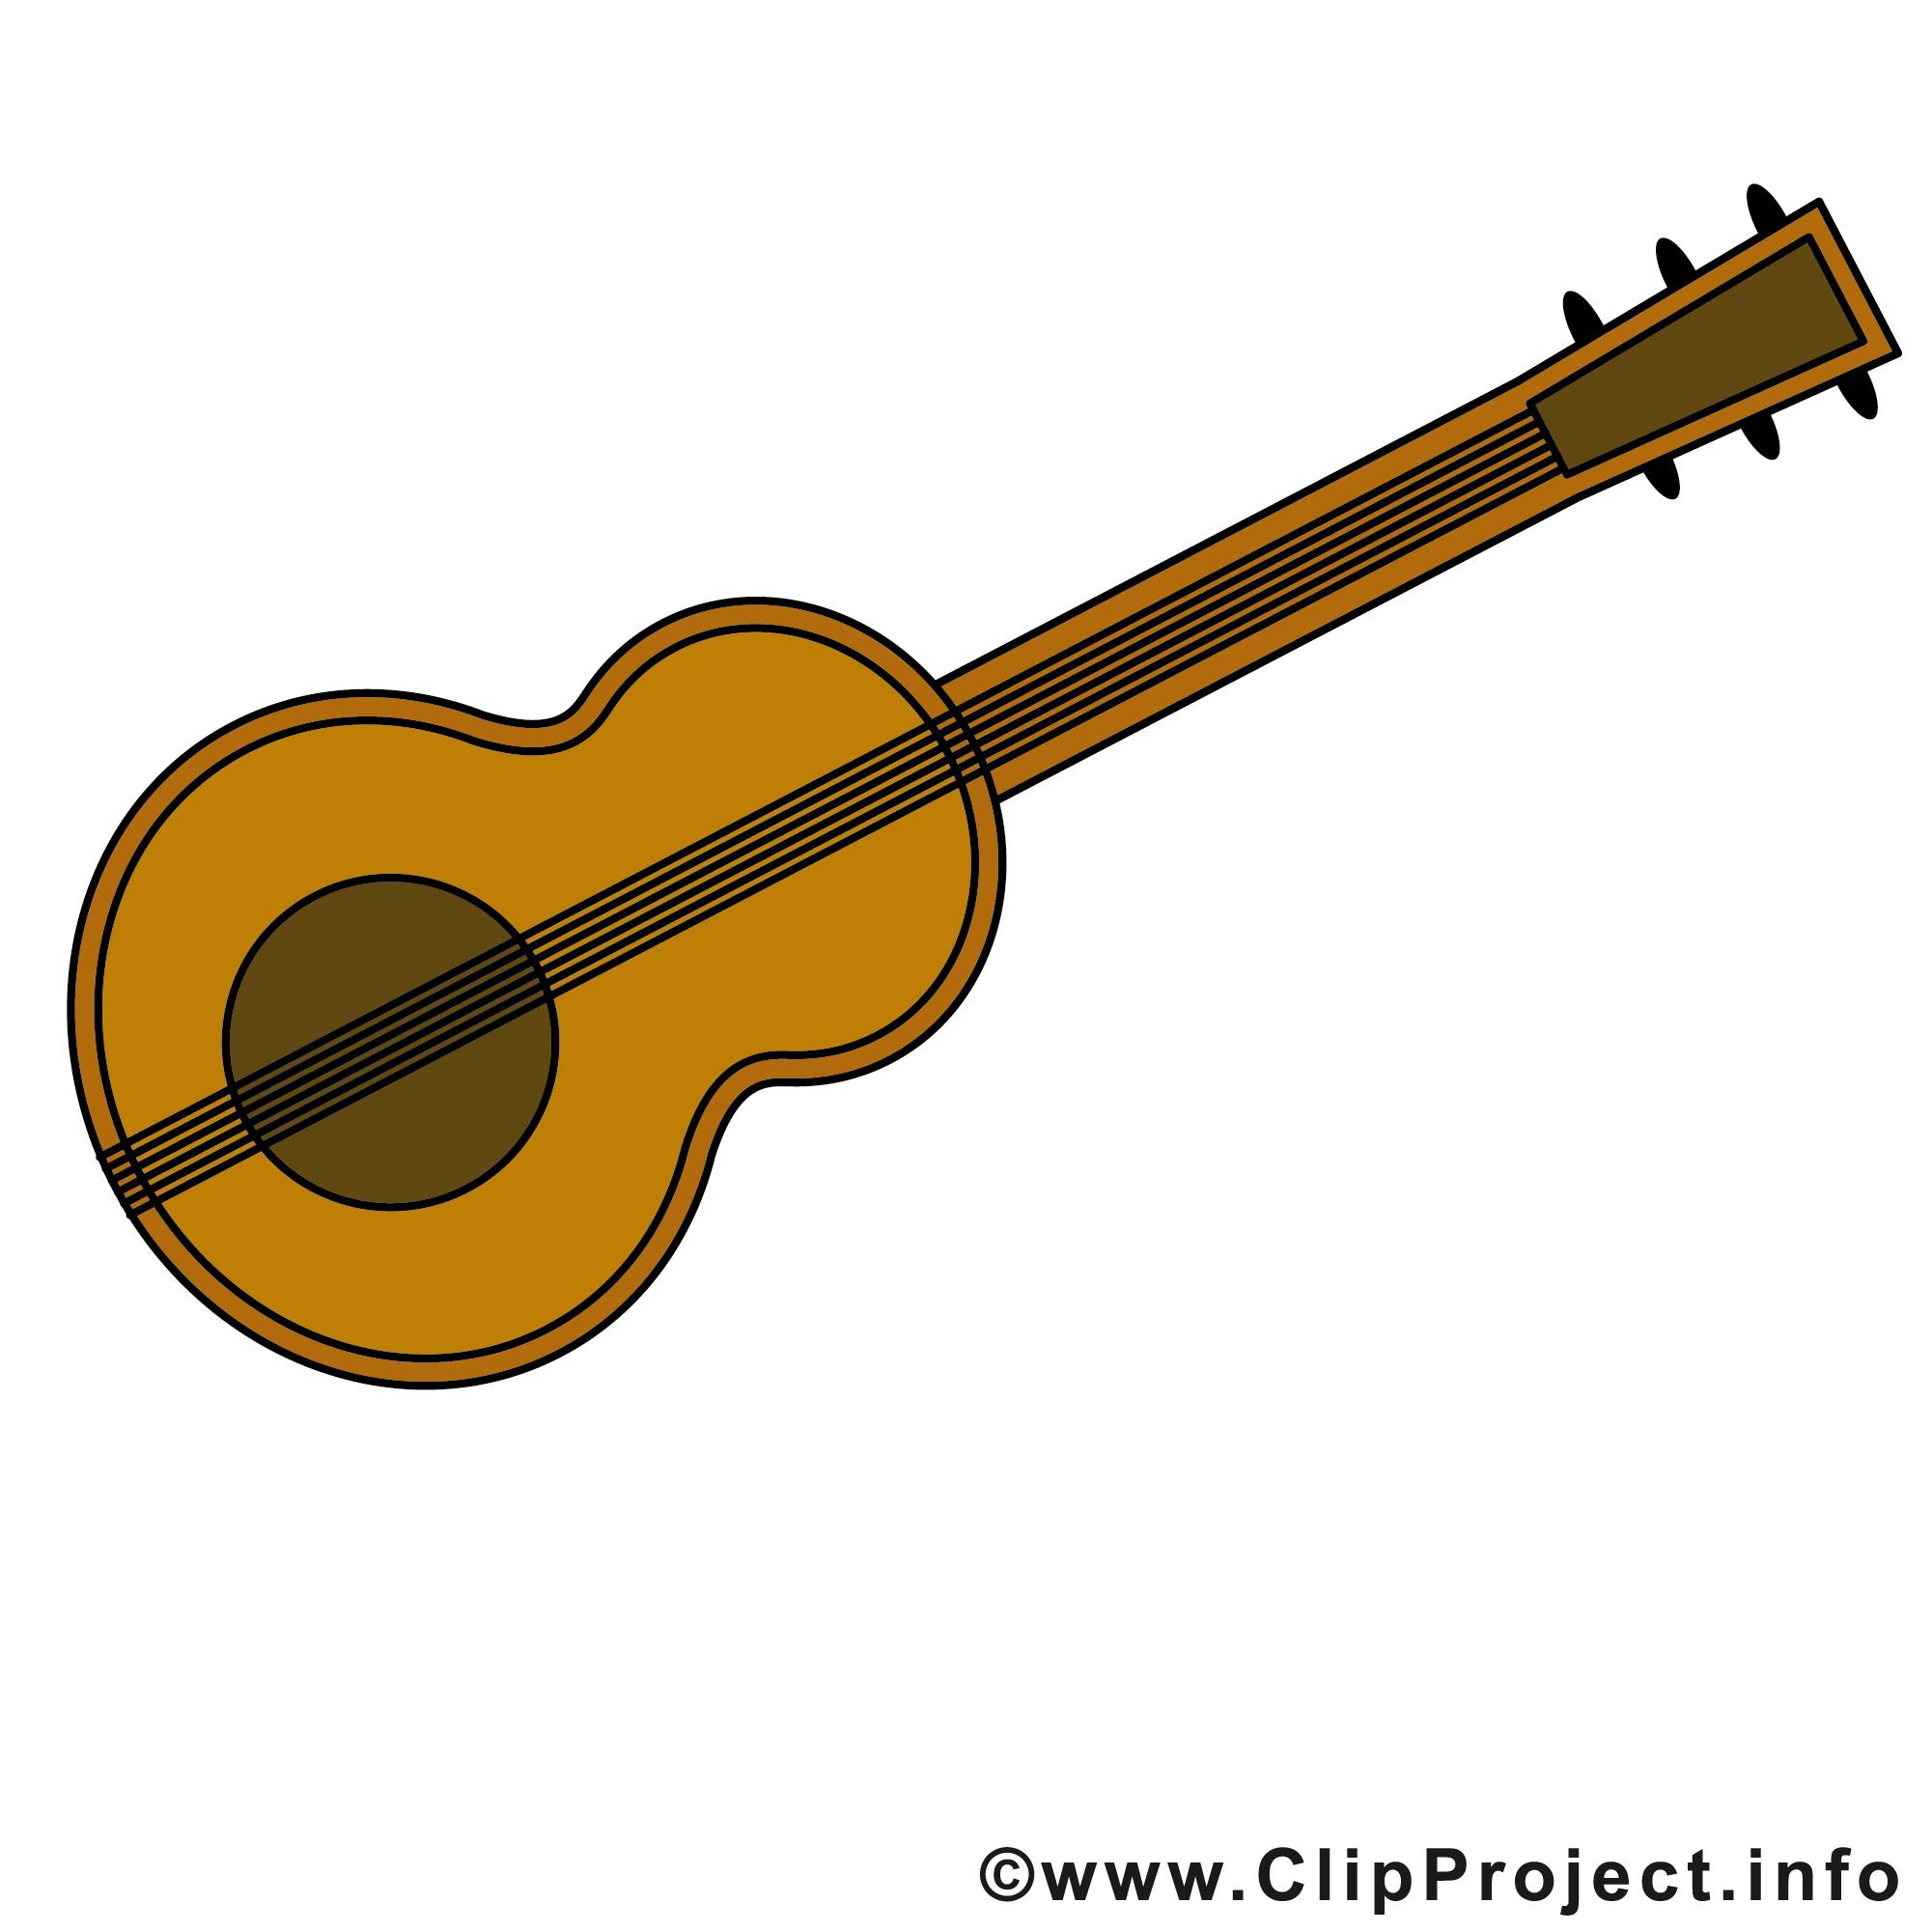 Guitare Clipart guitare images gratuites – musique clipart gratuit - divers dessin